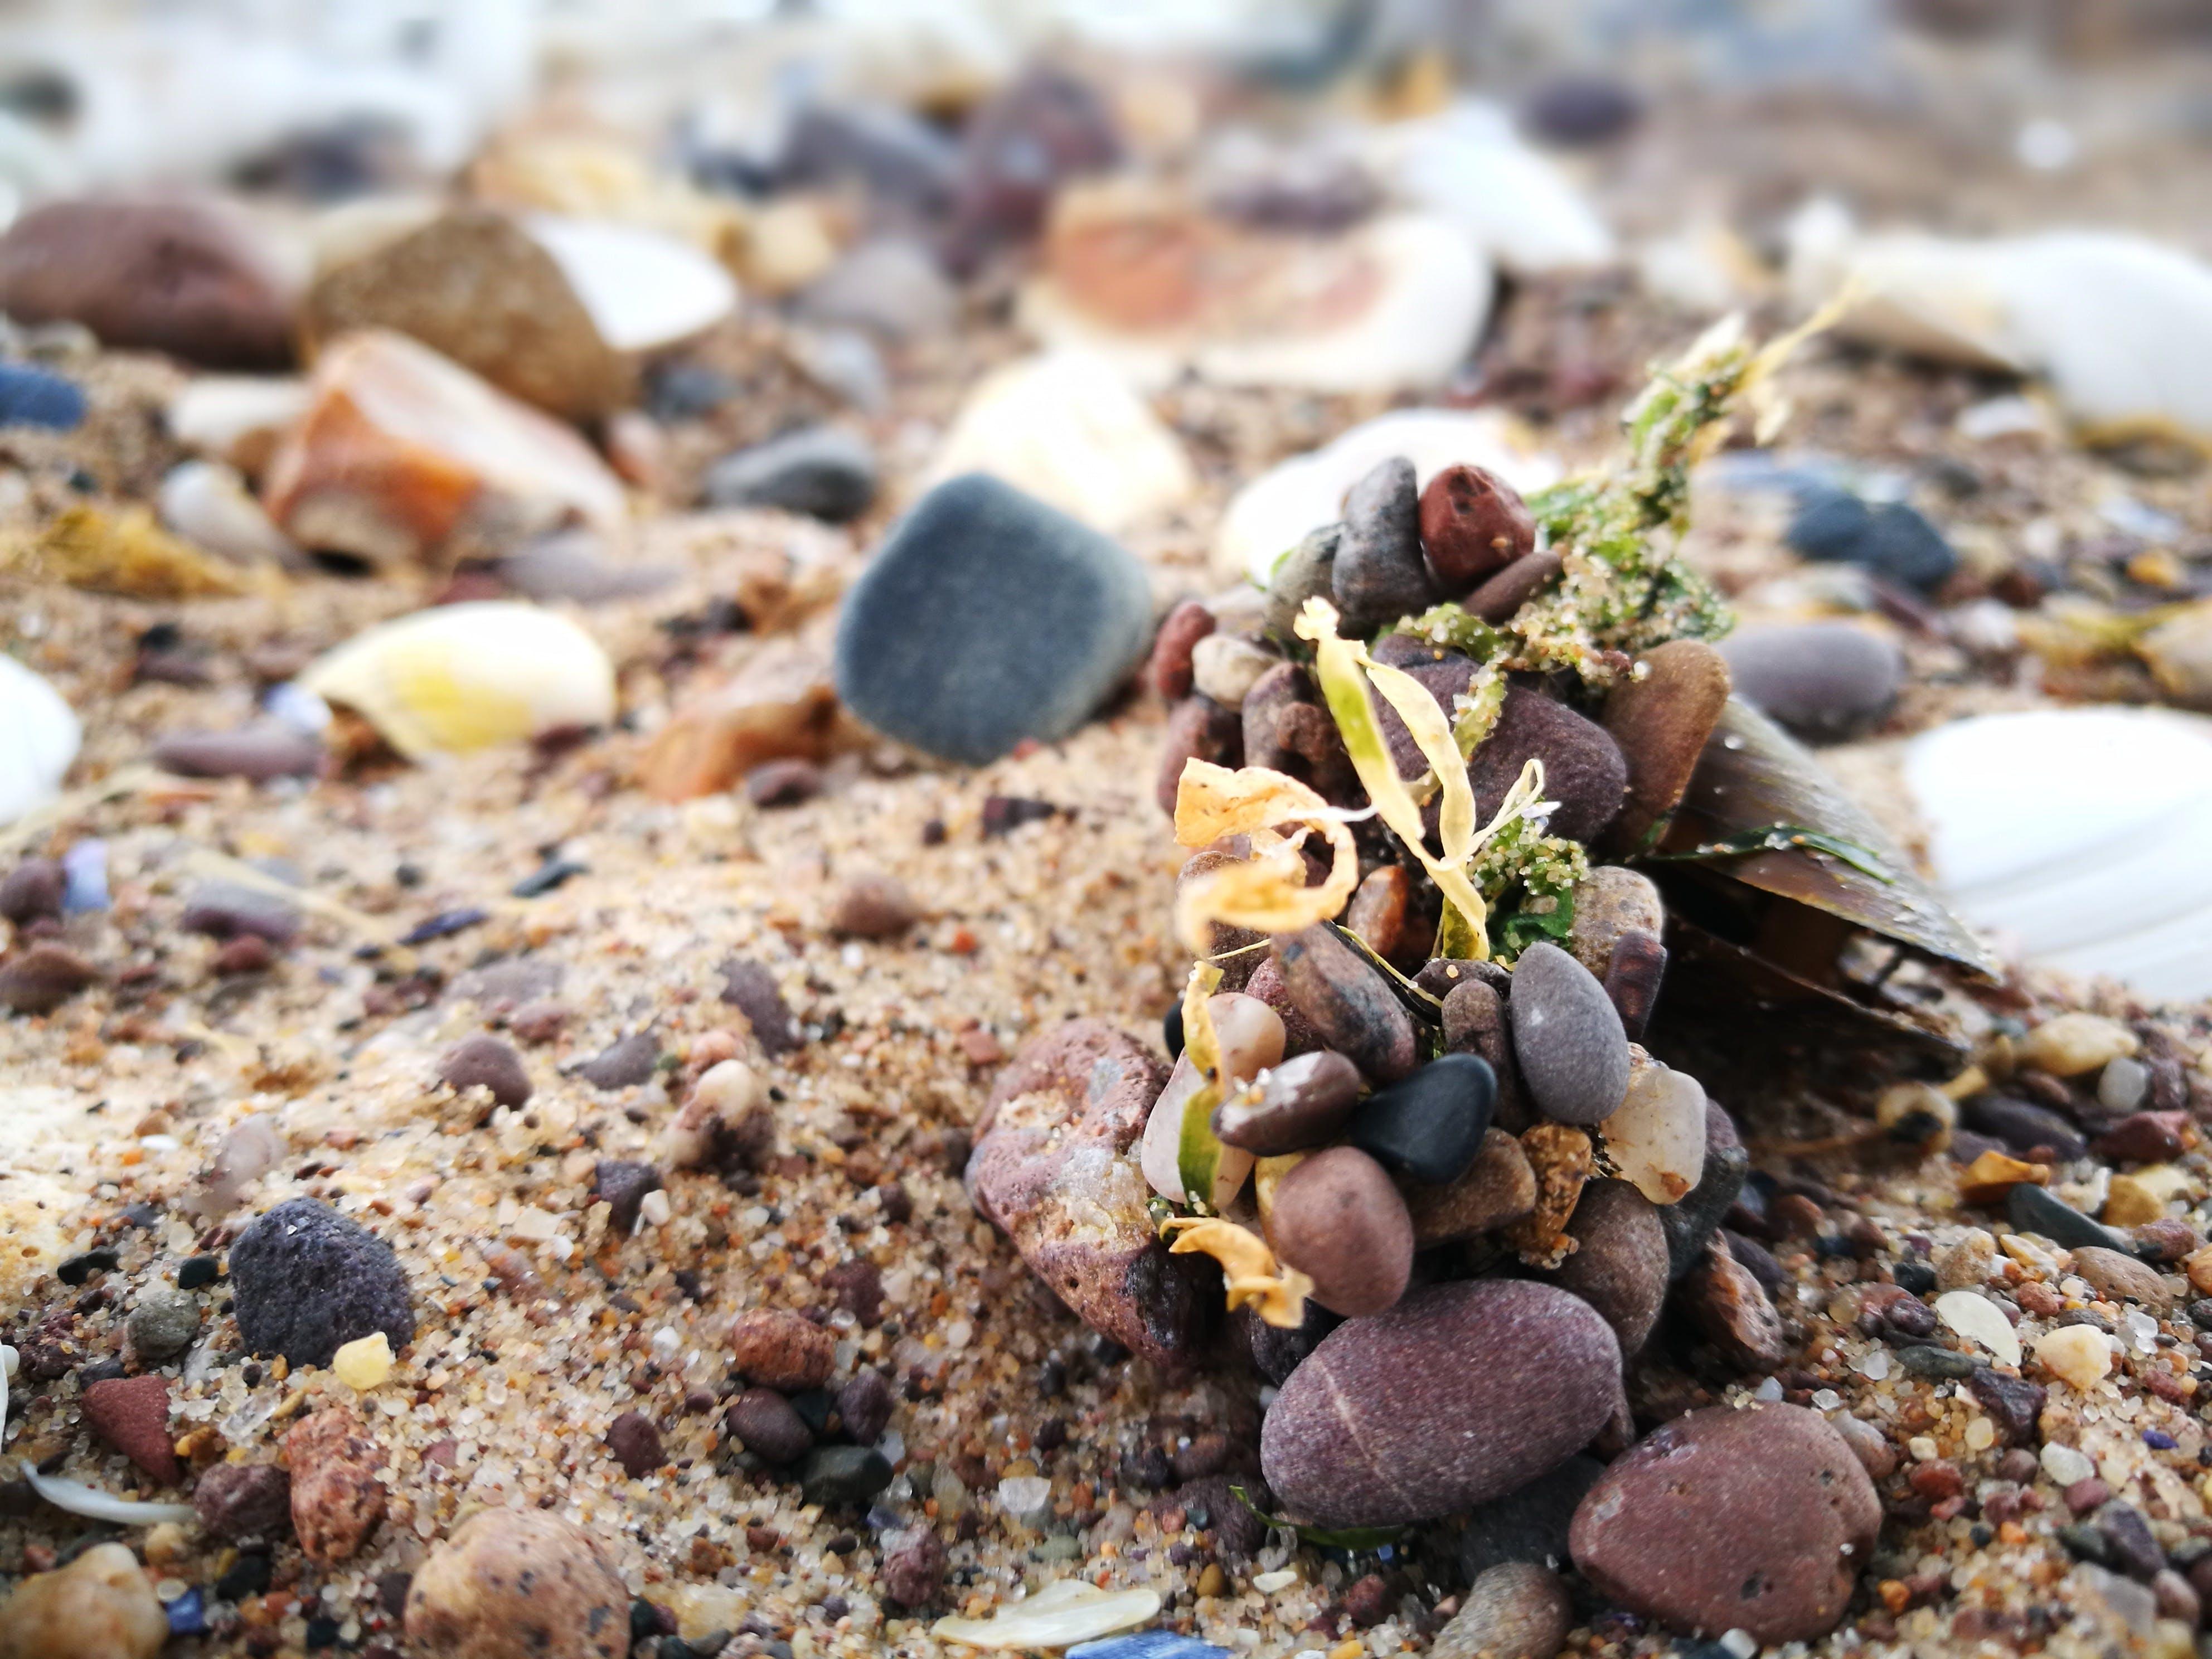 Gratis lagerfoto af sand, småsten, stenstrand, strand